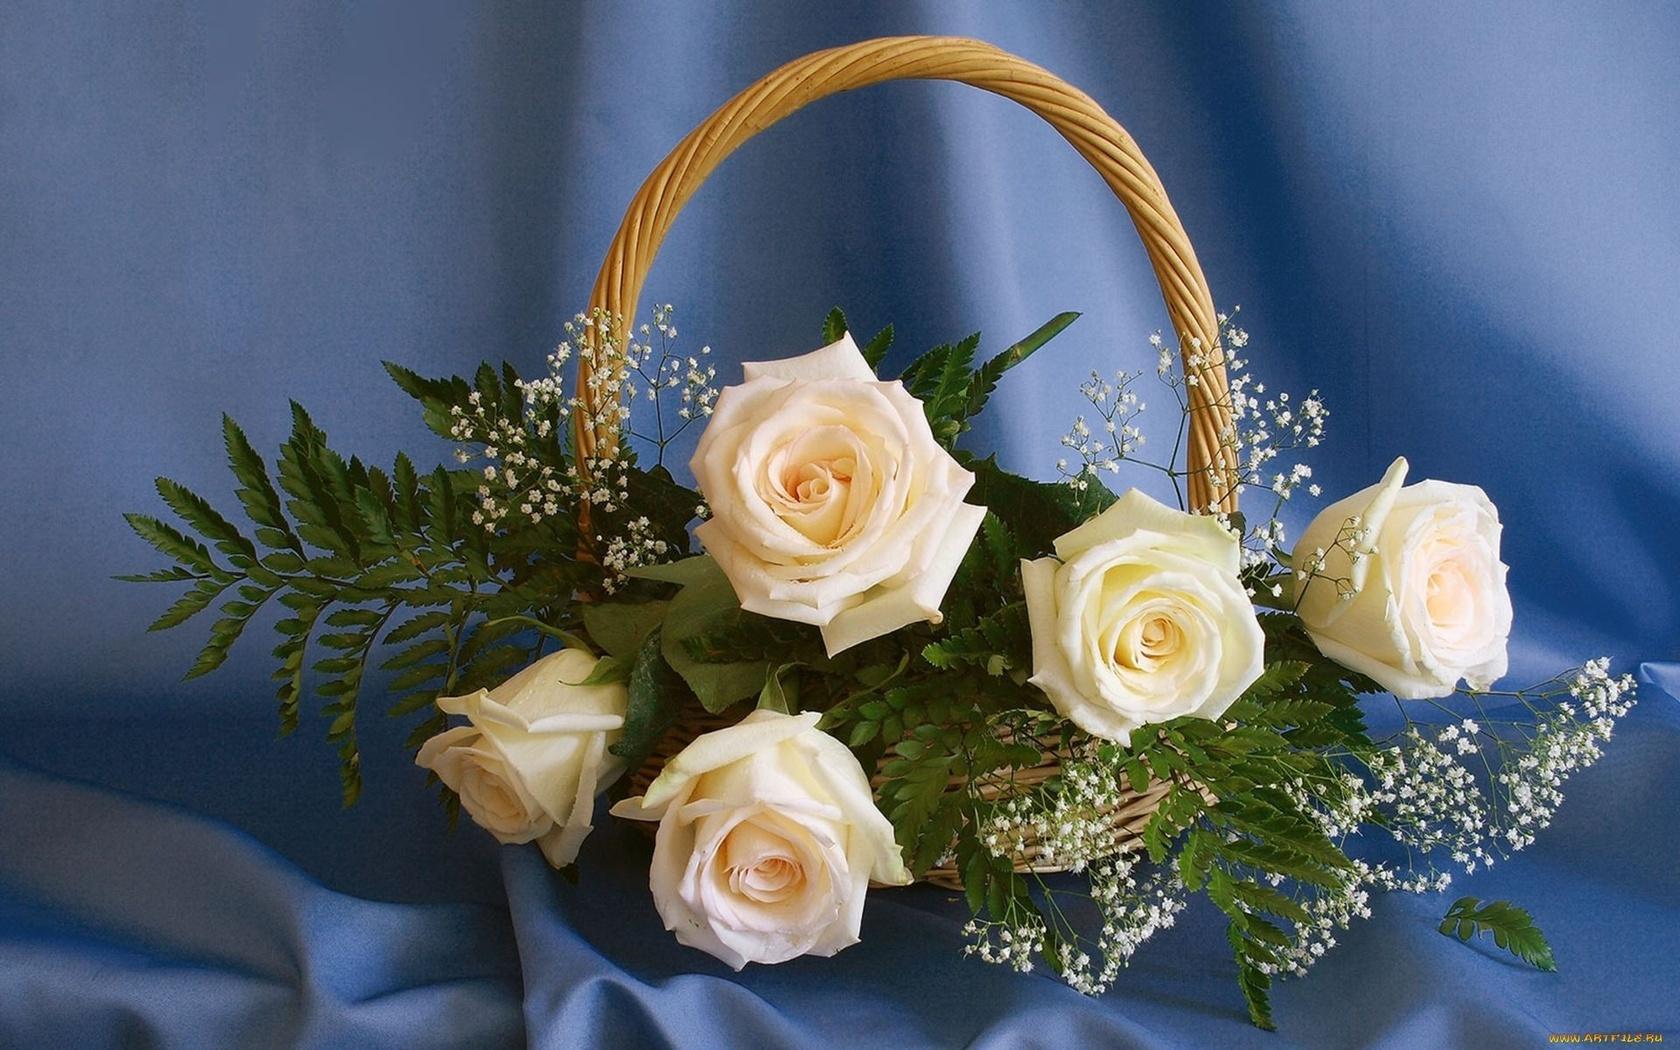 Днем, картинки цветы желаю счастья